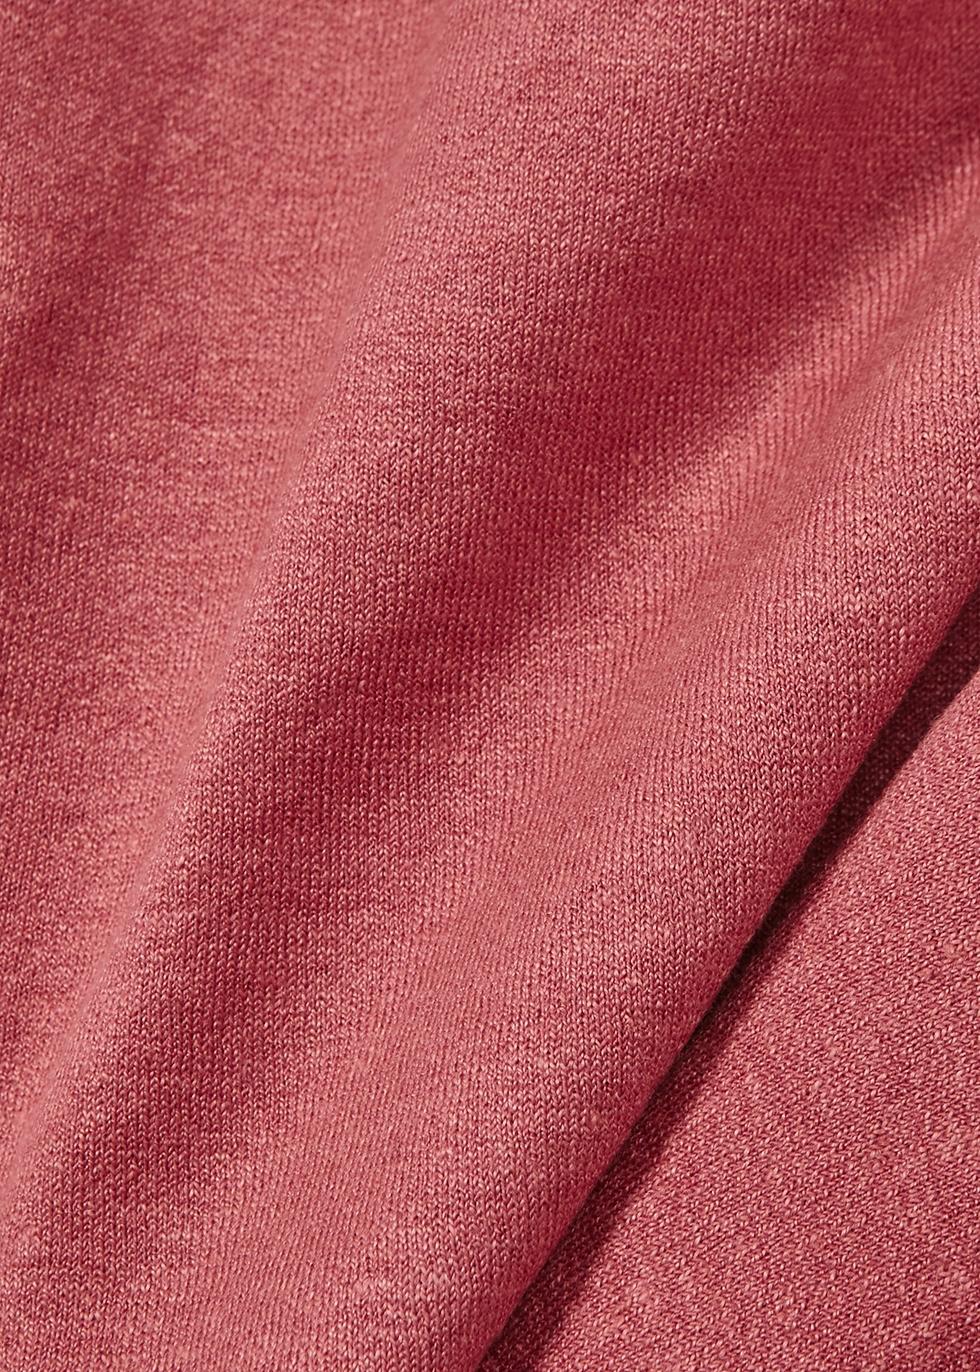 Rose linen-blend jumper - EILEEN FISHER